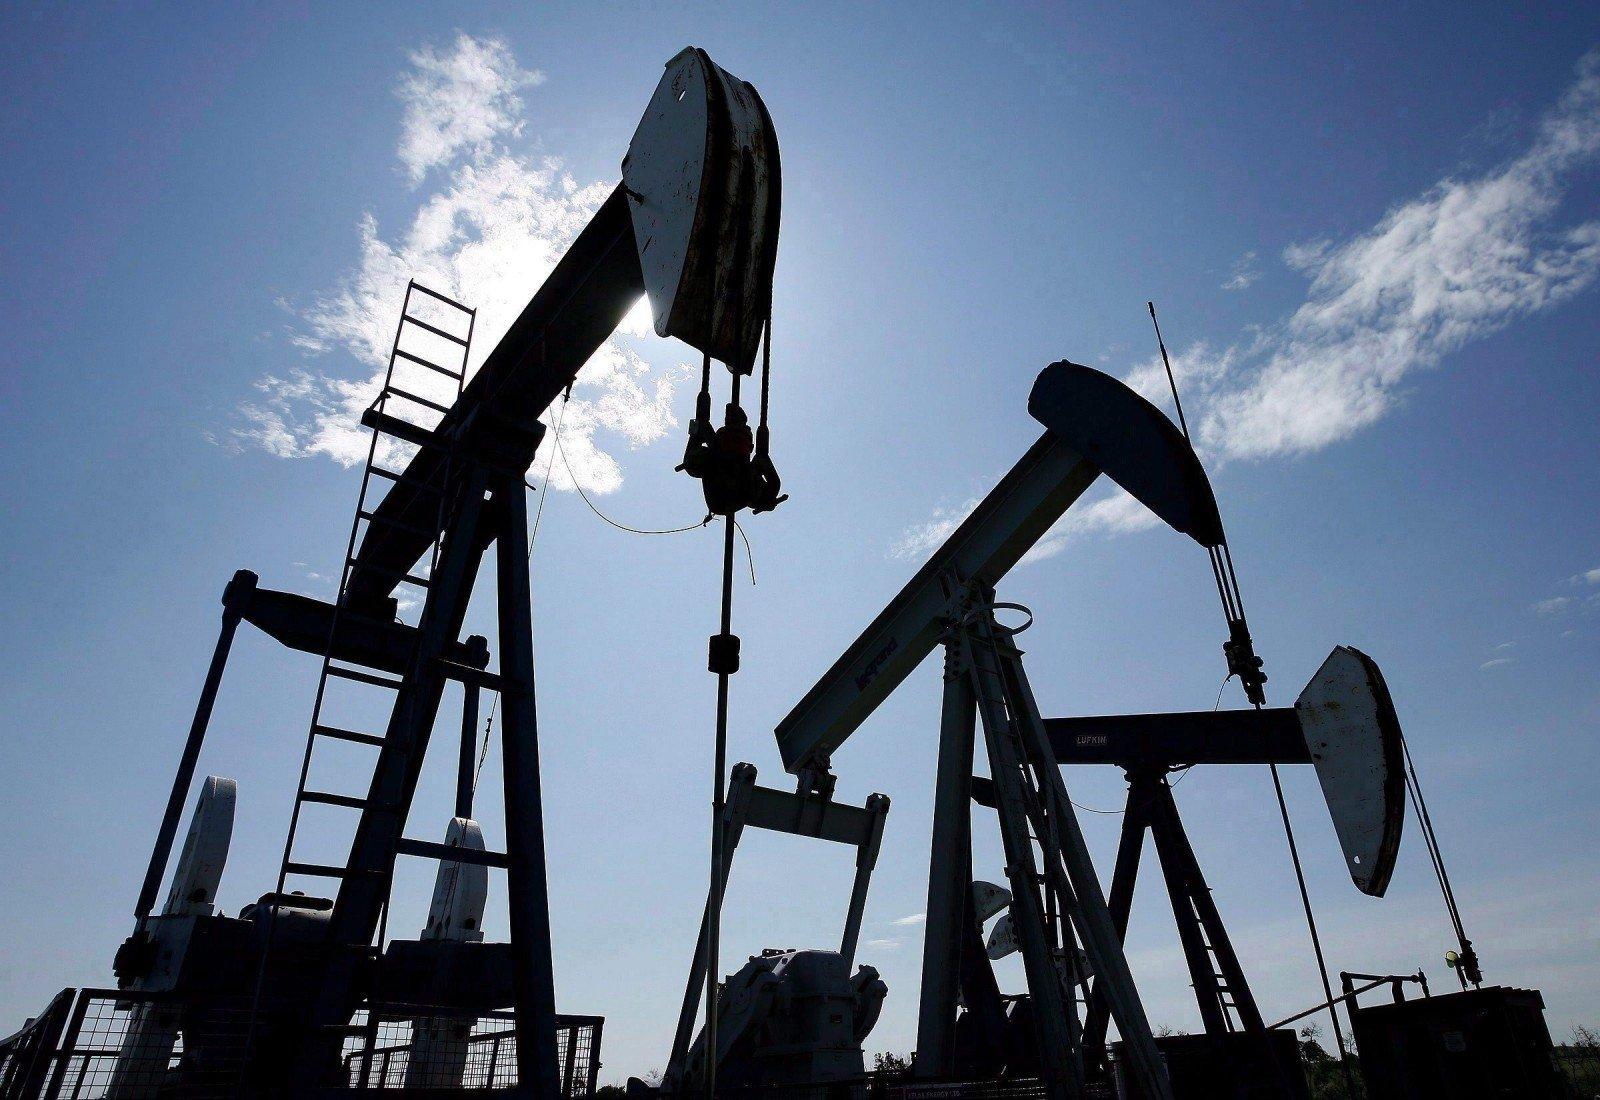 Нефть завершает неделю в плюсе на опасениях сокращения поставок, Нефть, цены на нефть, Brent, WTI